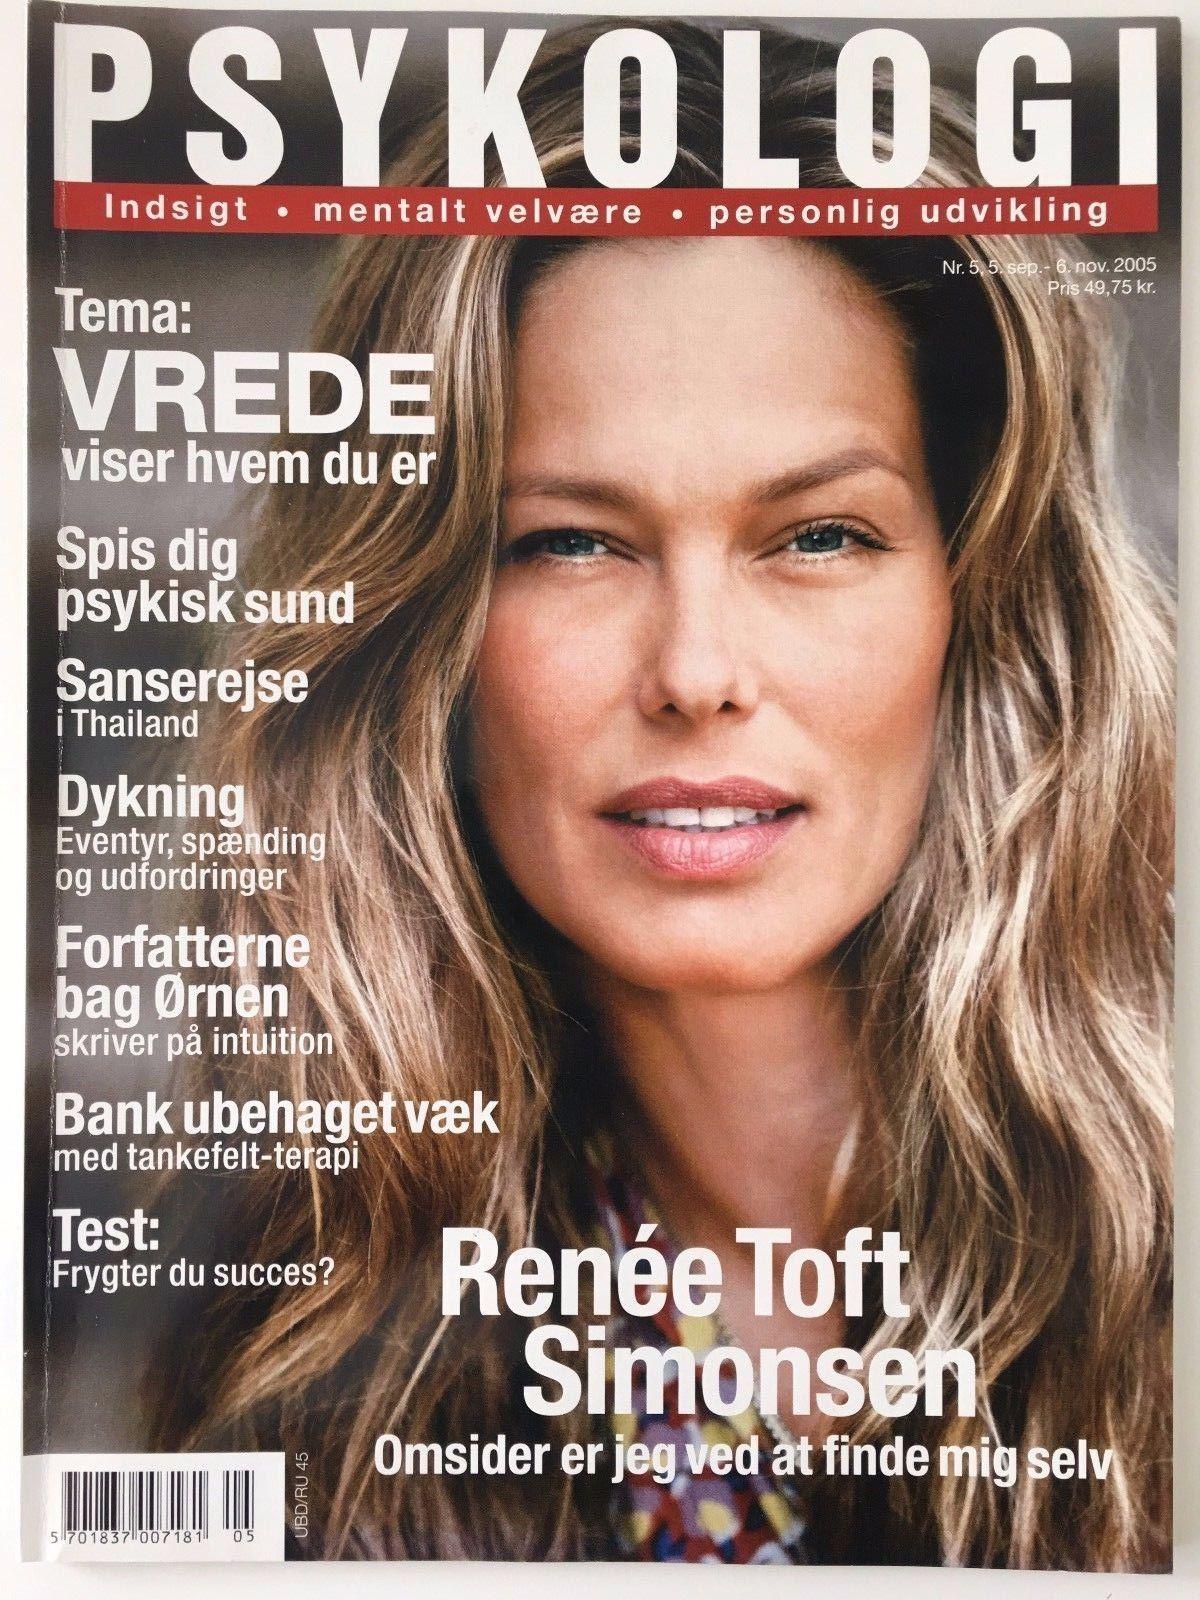 RENEE SIMONSEN FRONT COVER PSYKOLOGI MAGAZINE DENMARK 2005